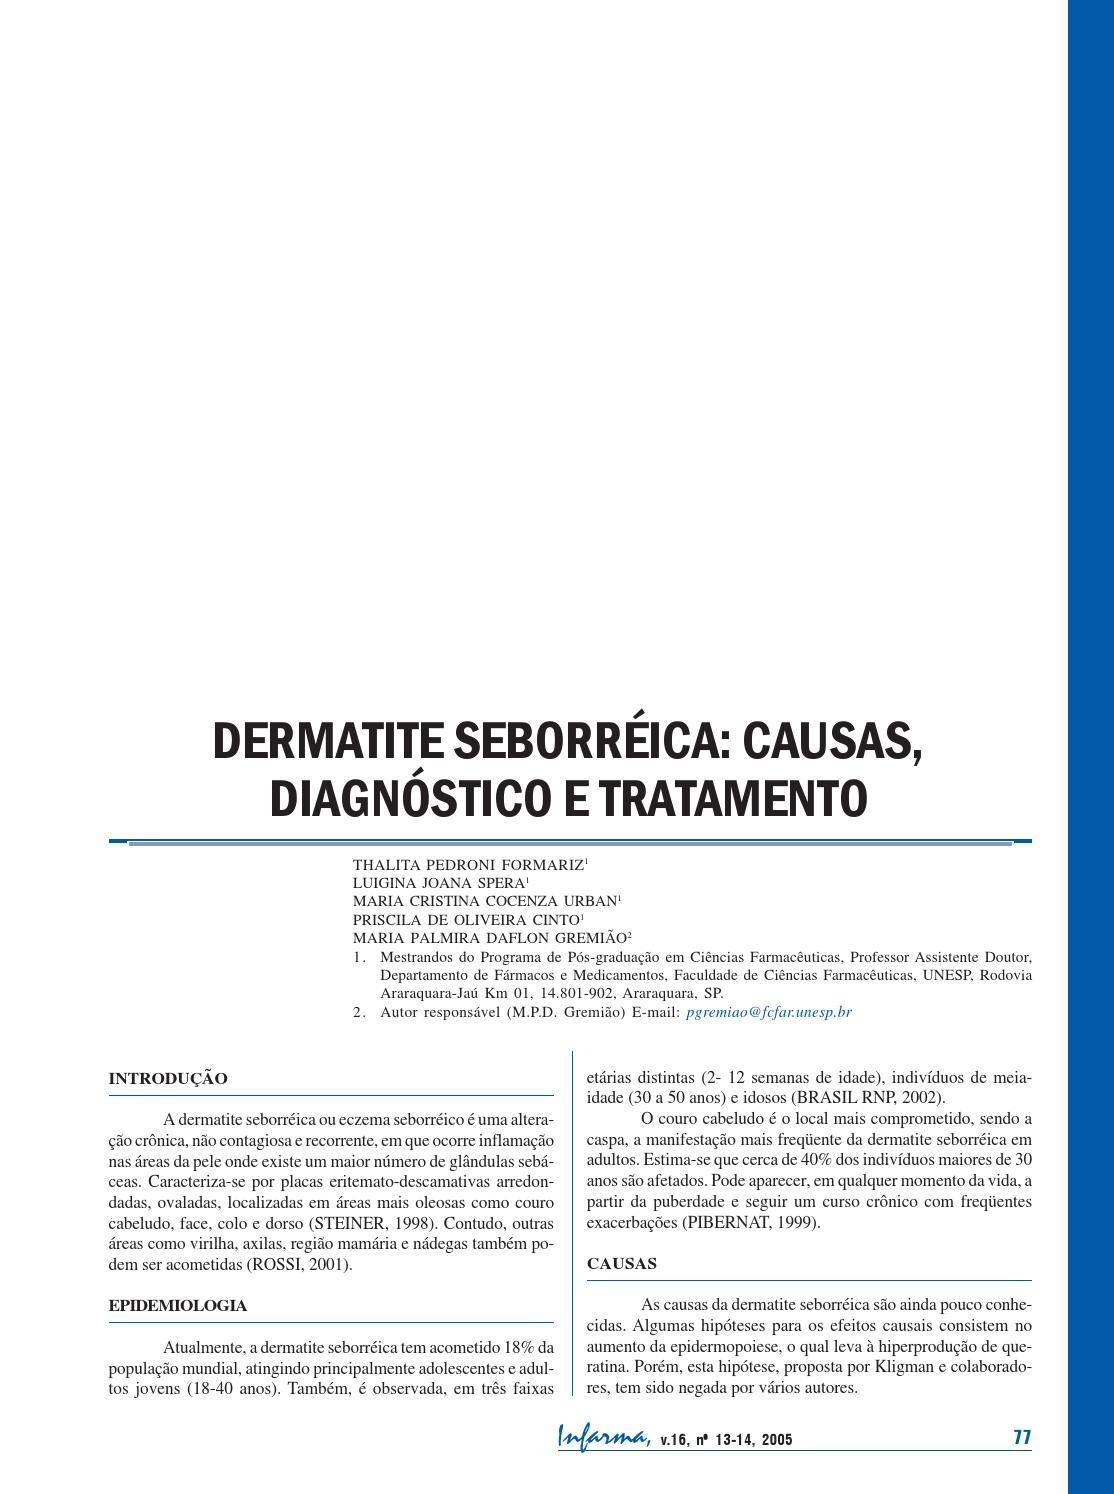 Creme cutânea hidrocortisona erupção nas axilas